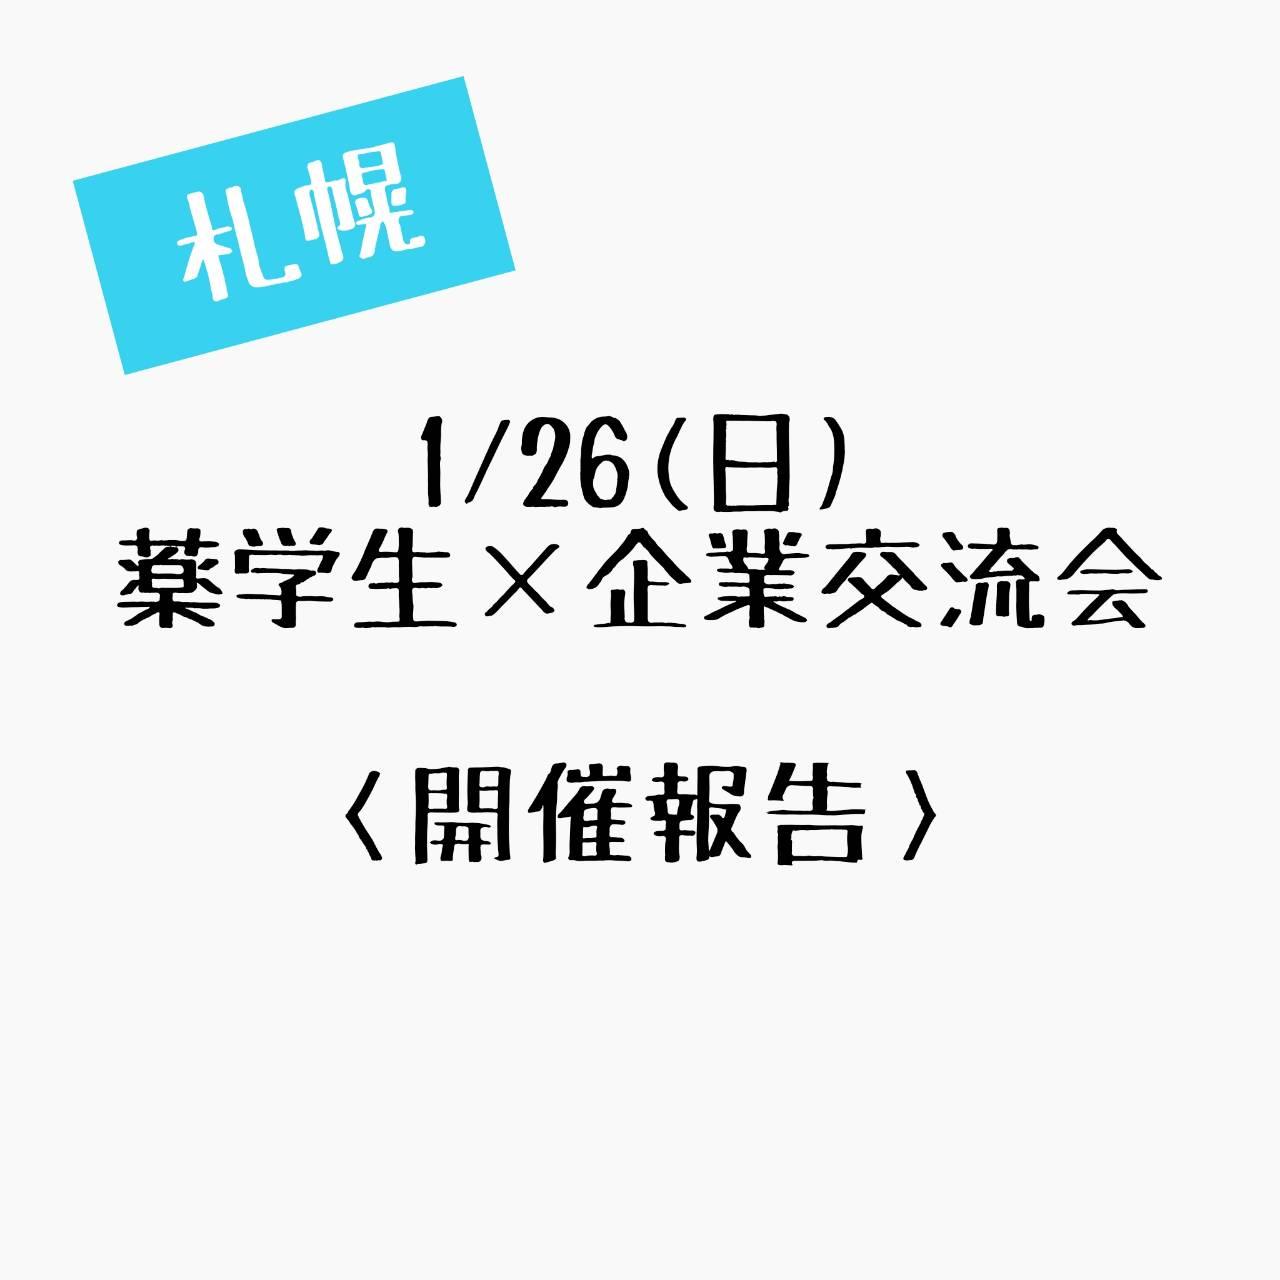 ~開催報告~1月26日(日) 薬学生×企業交流会@札幌